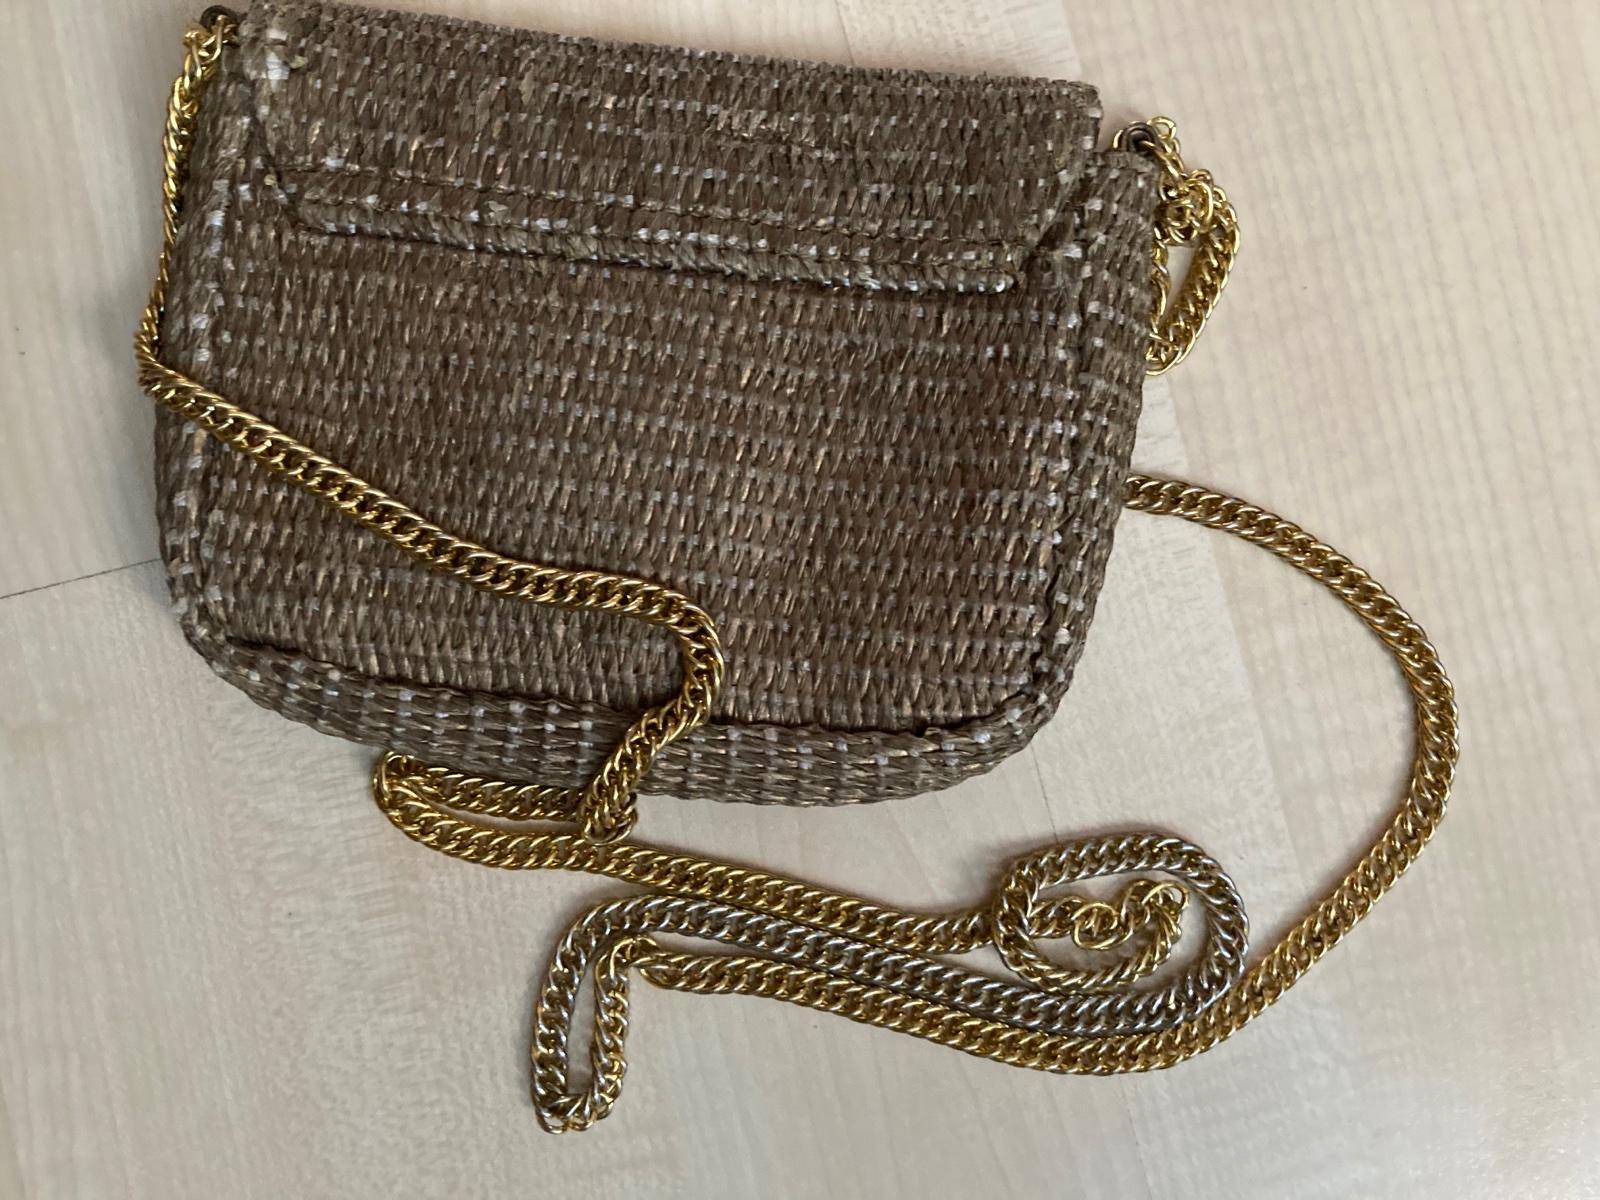 HM mini kabelka s retiazkou - Obrázok č. 3